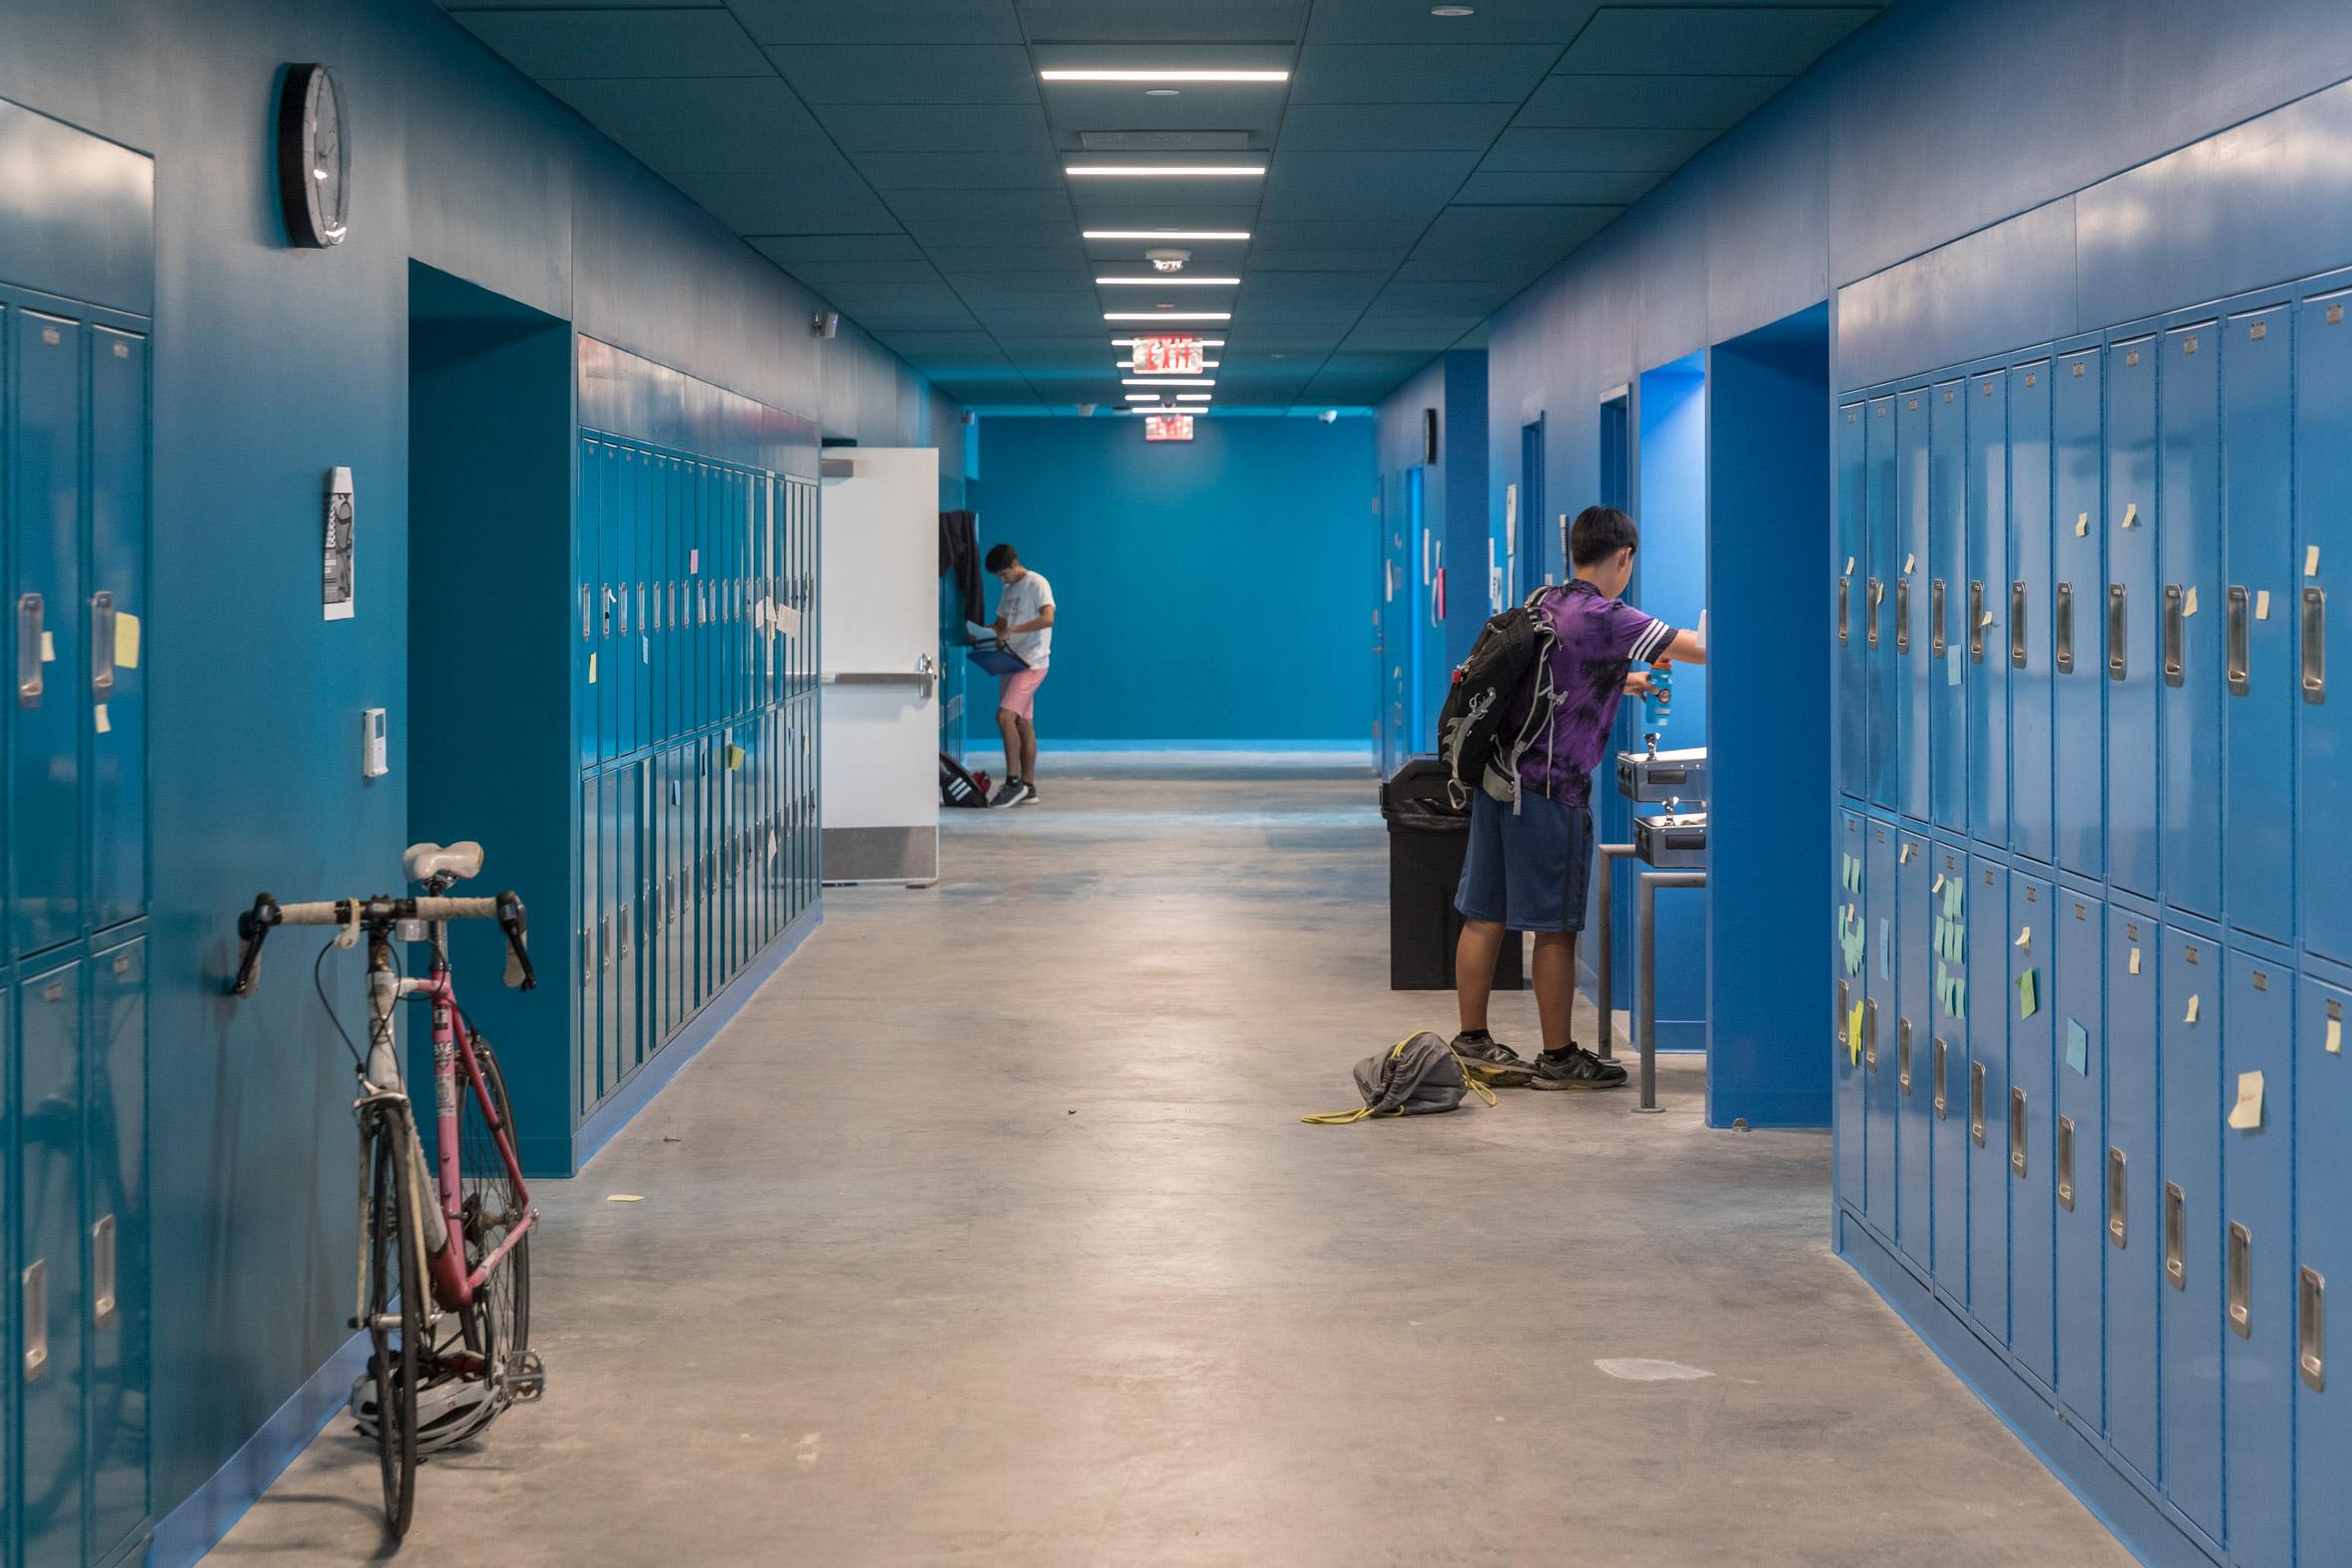 Thiết kế ánh sáng trong phòng học 6